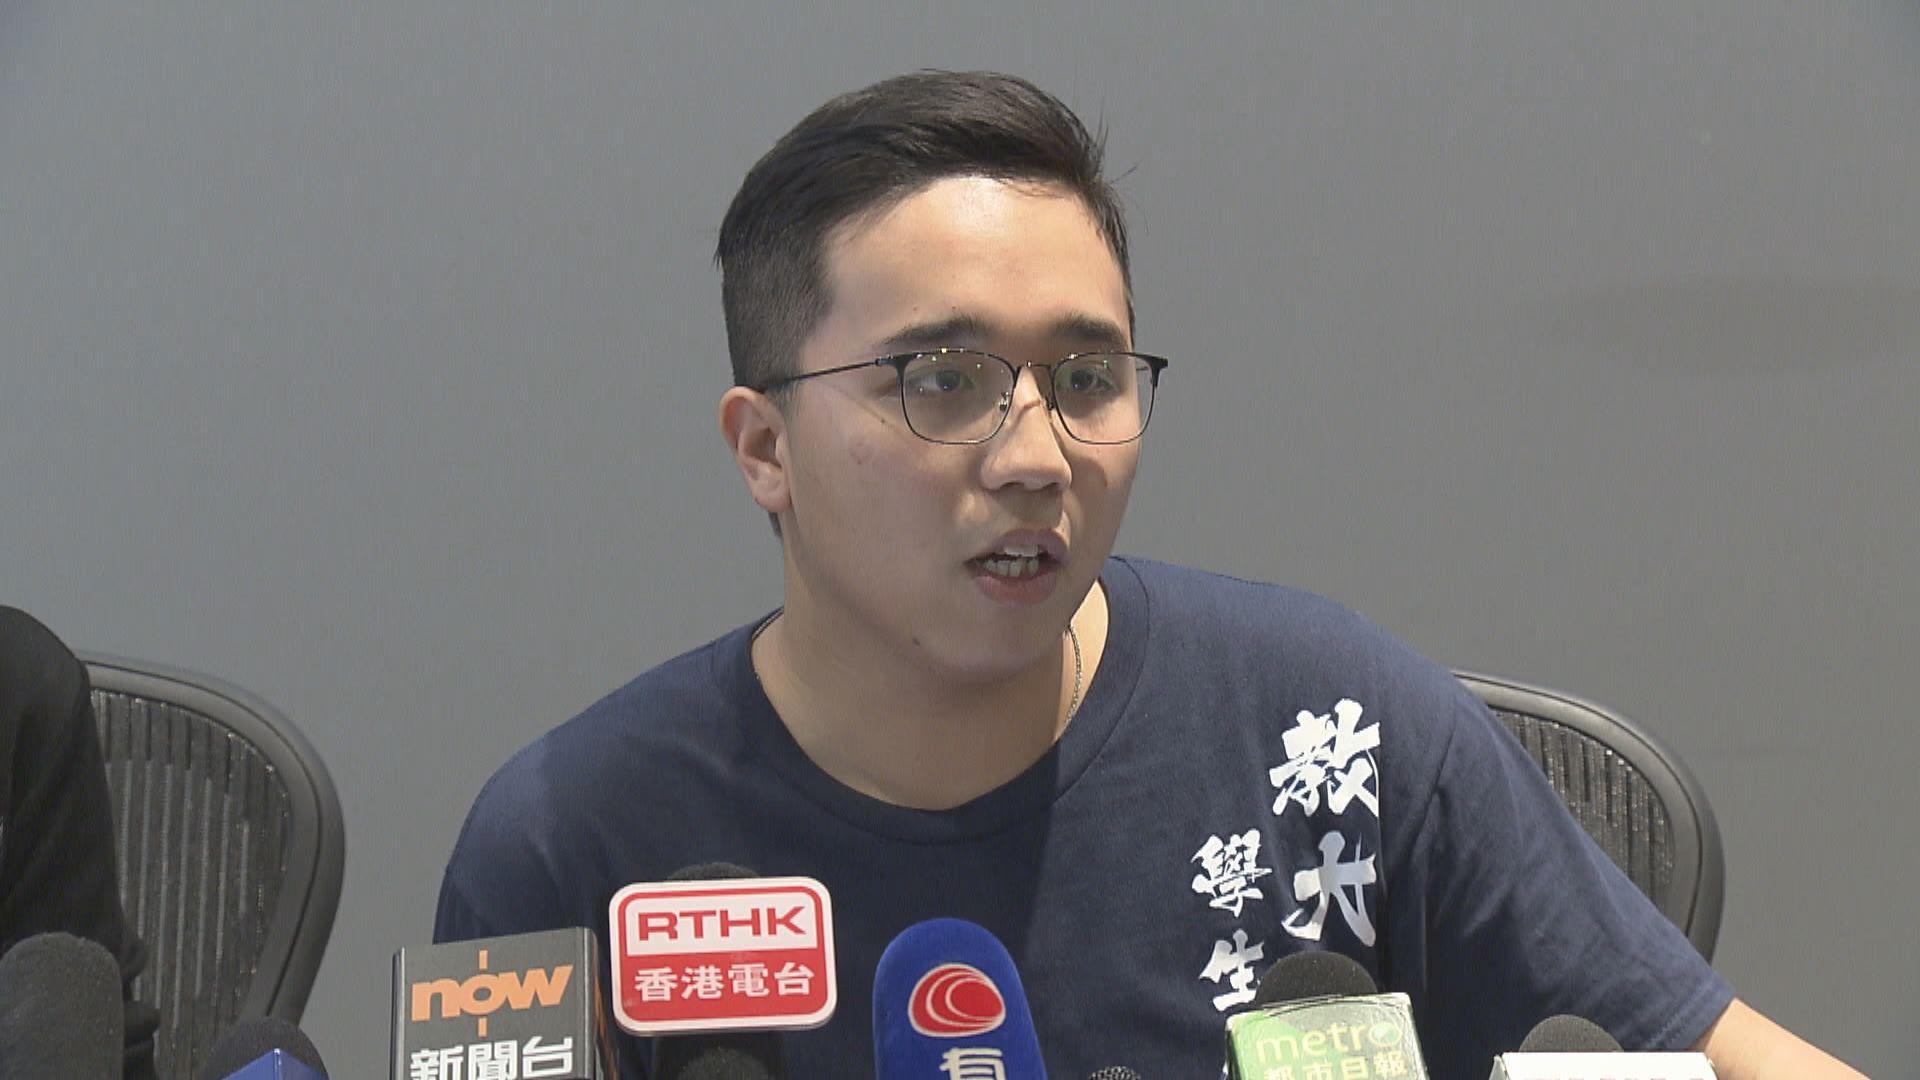 港鐵提供831兩站片段不全 梁耀霆發律師信要求交代原因